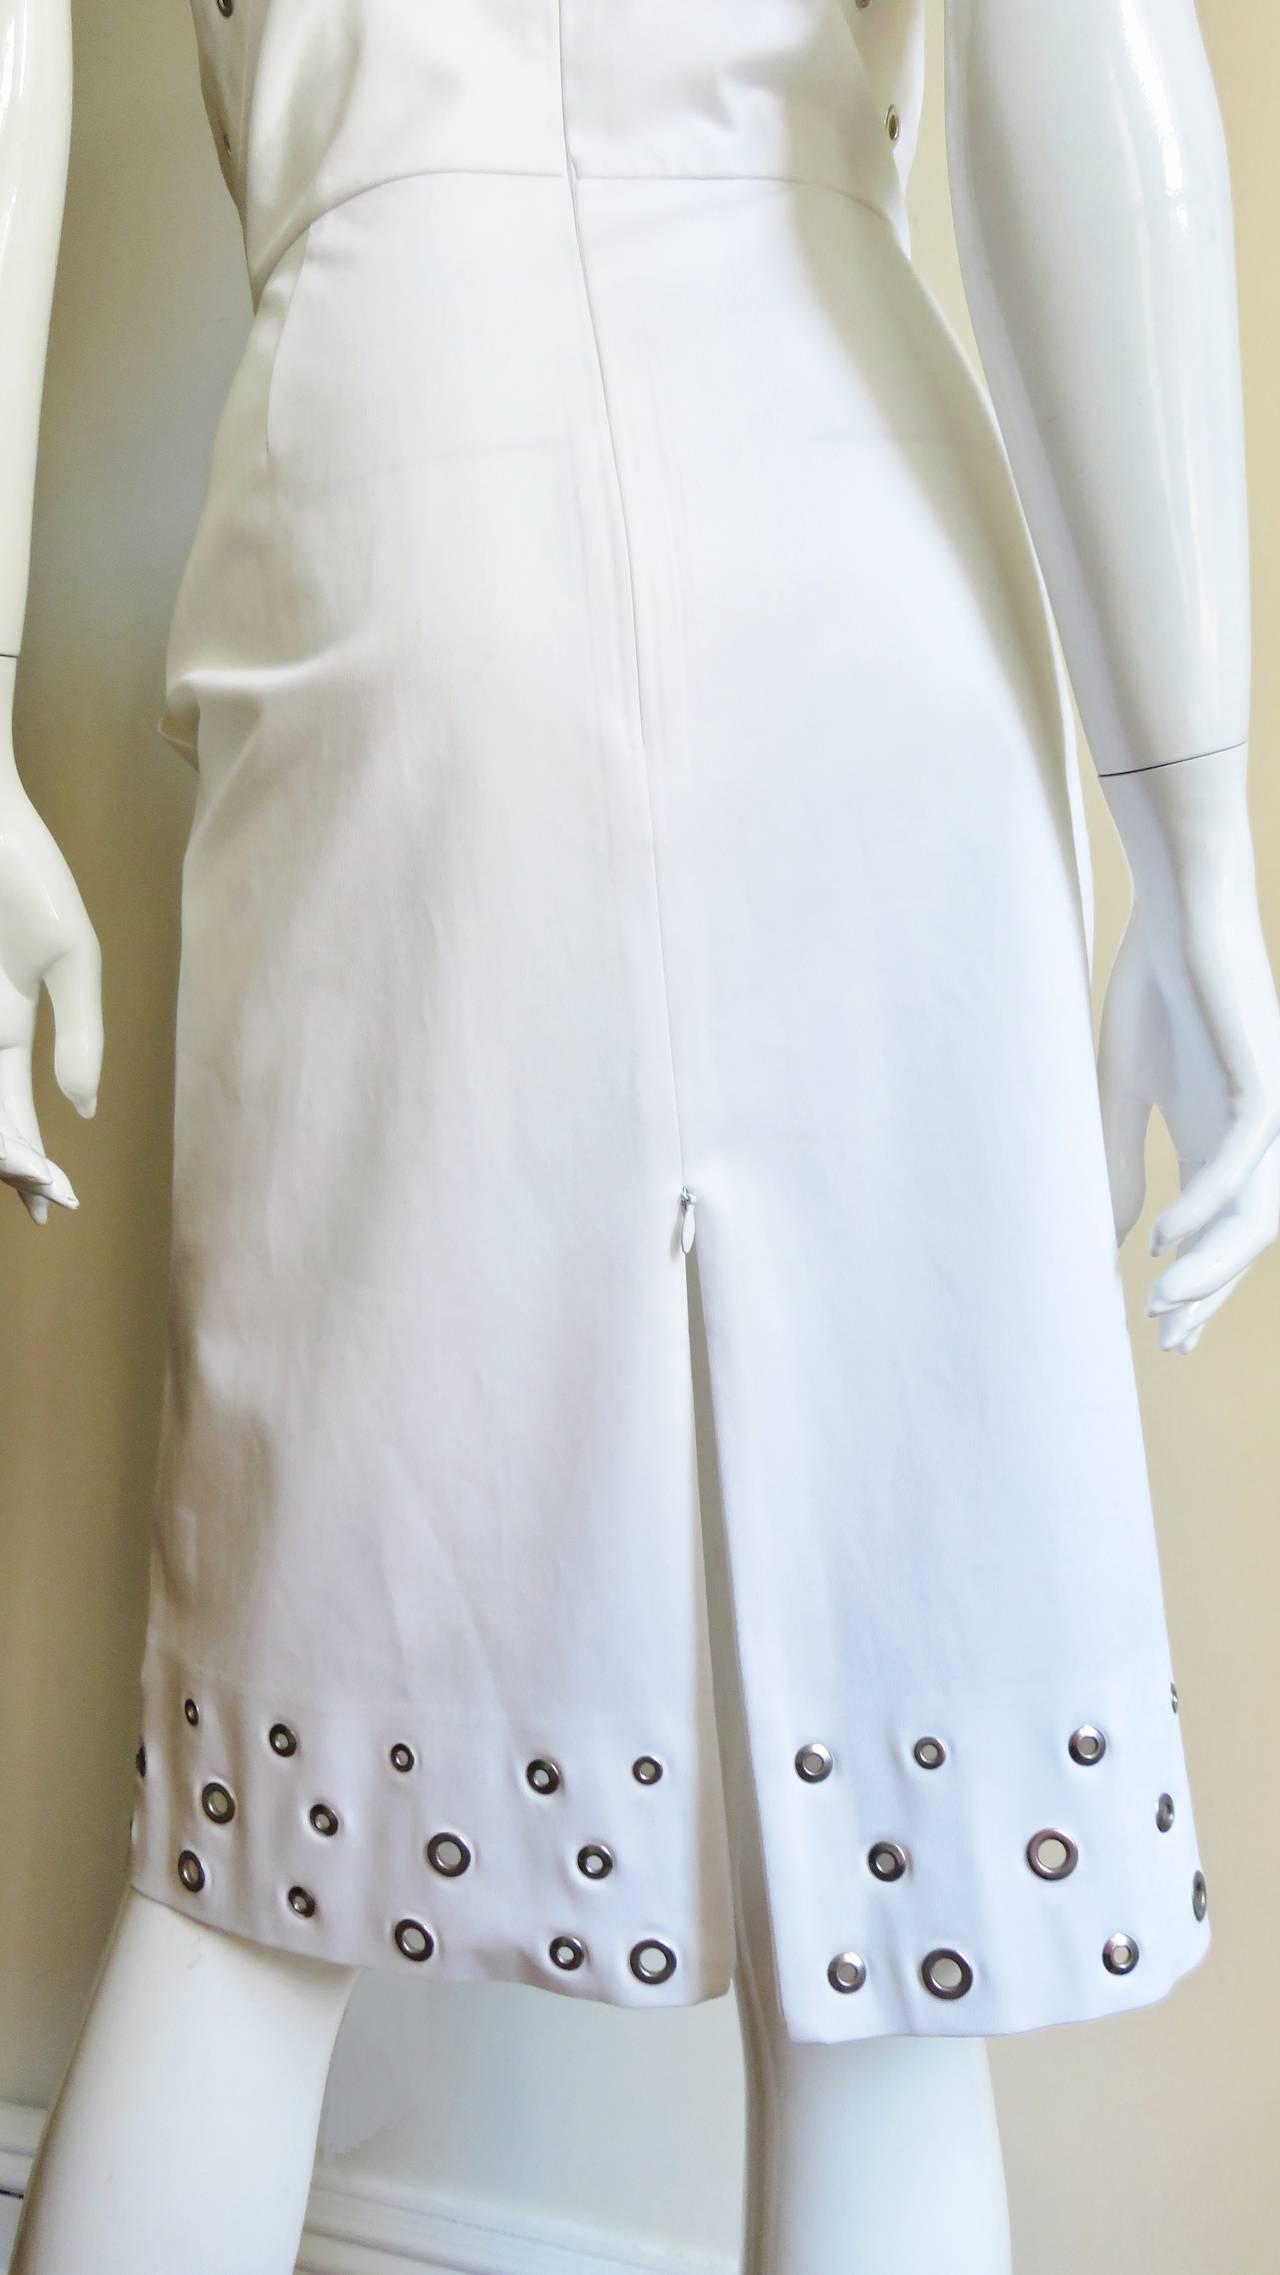 Jean Paul Gaultier Cross Back Dress With Grommets For Sale 3